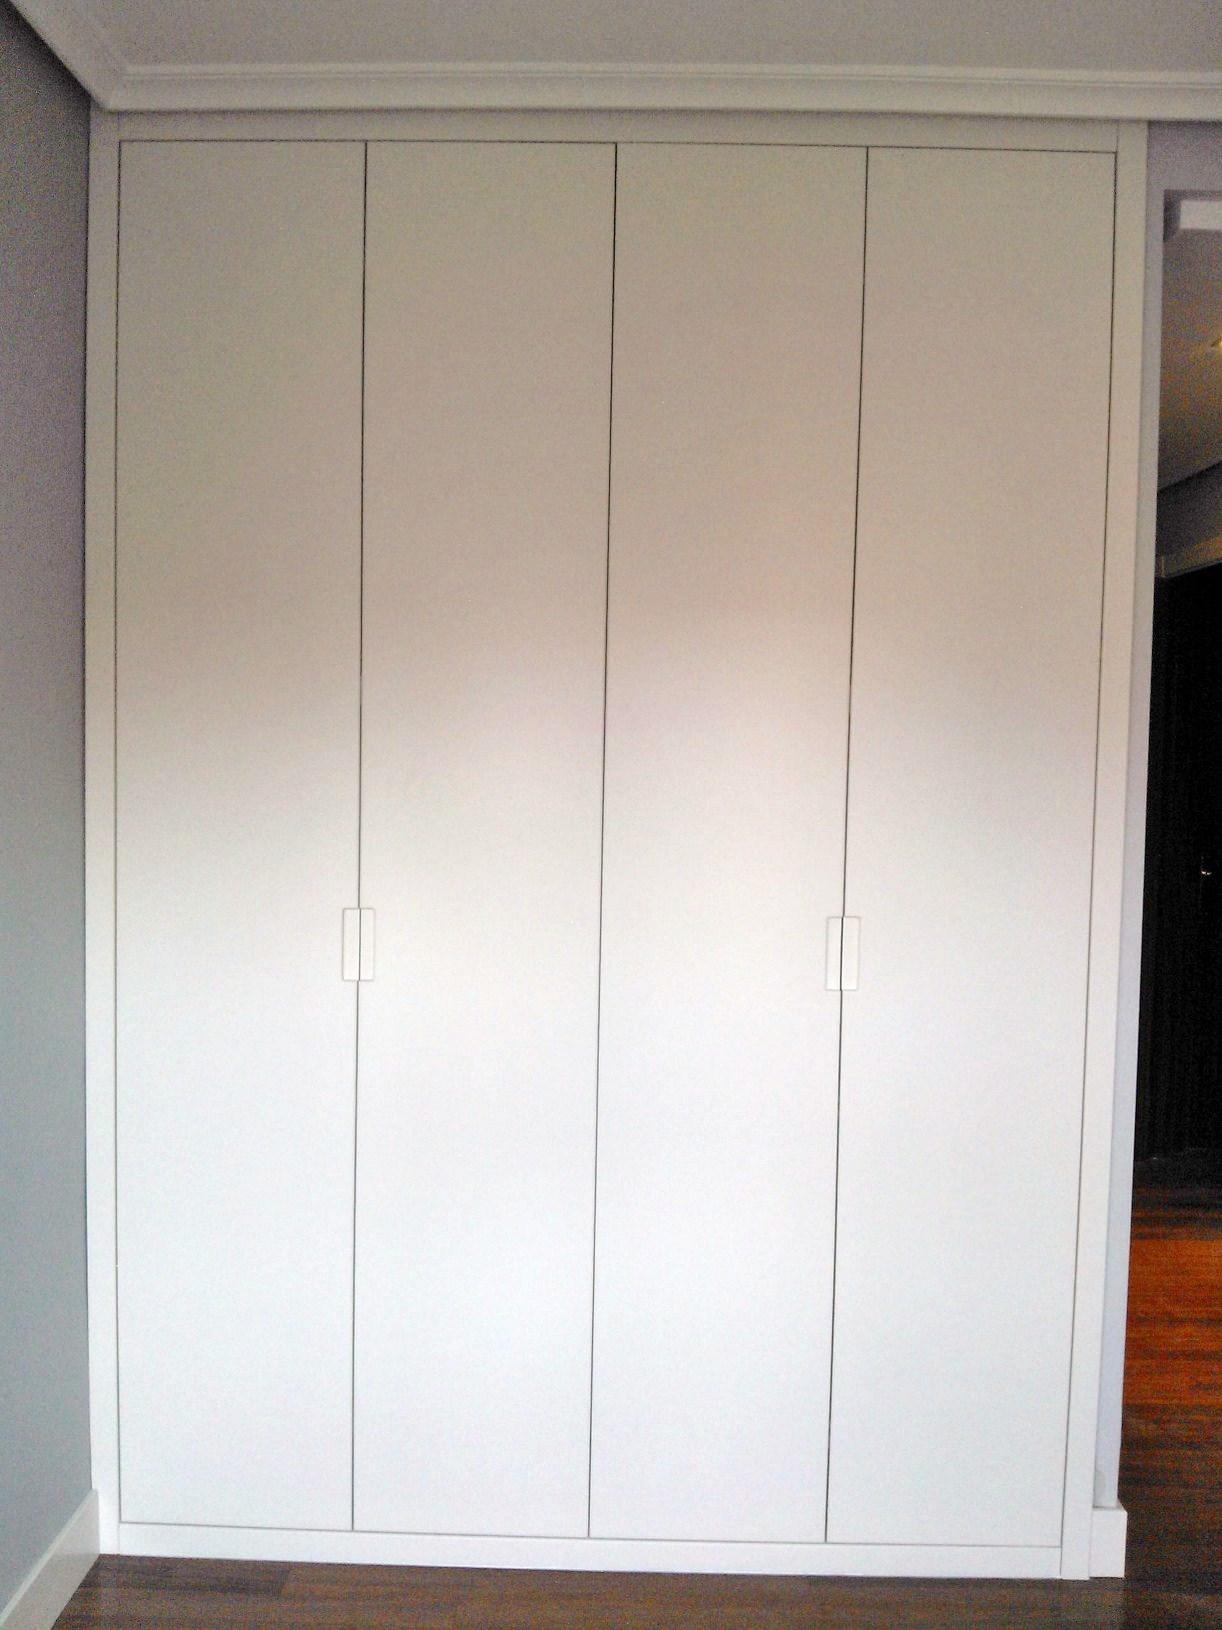 Carpinteria moncada proyectos - Armario puertas plegables ...